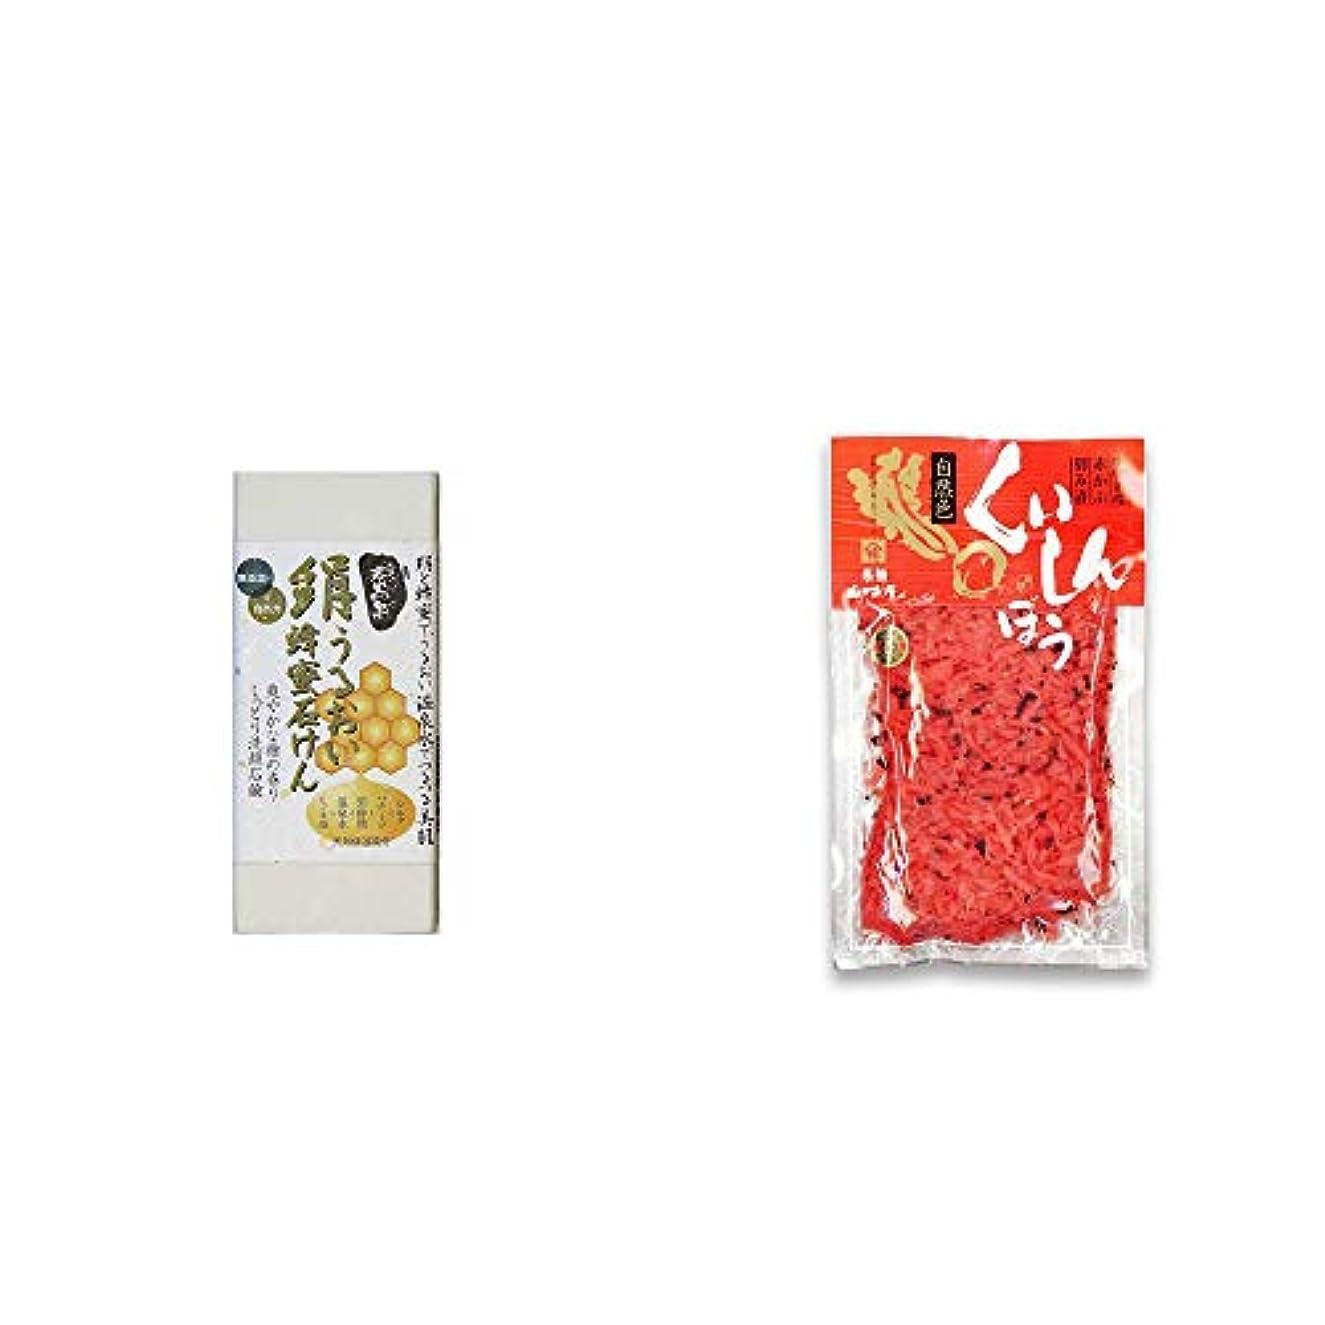 [2点セット] ひのき炭黒泉 絹うるおい蜂蜜石けん(75g×2)?飛騨山味屋 くいしんぼう【大】(260g) [赤かぶ刻み漬け]